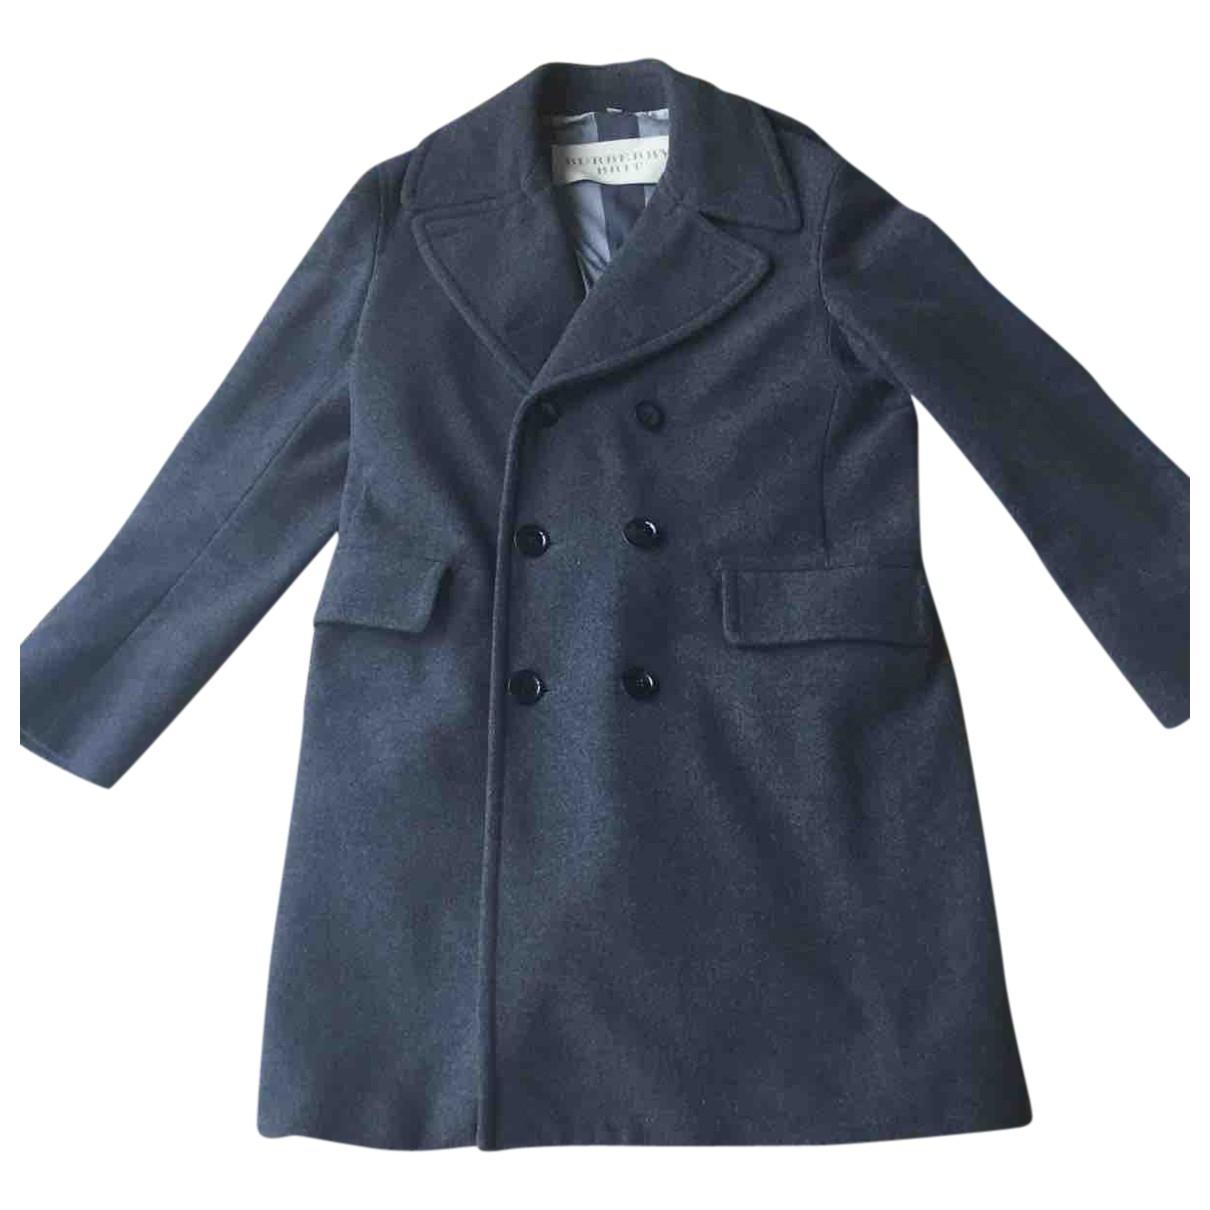 Burberry - Manteau   pour homme en laine - anthracite